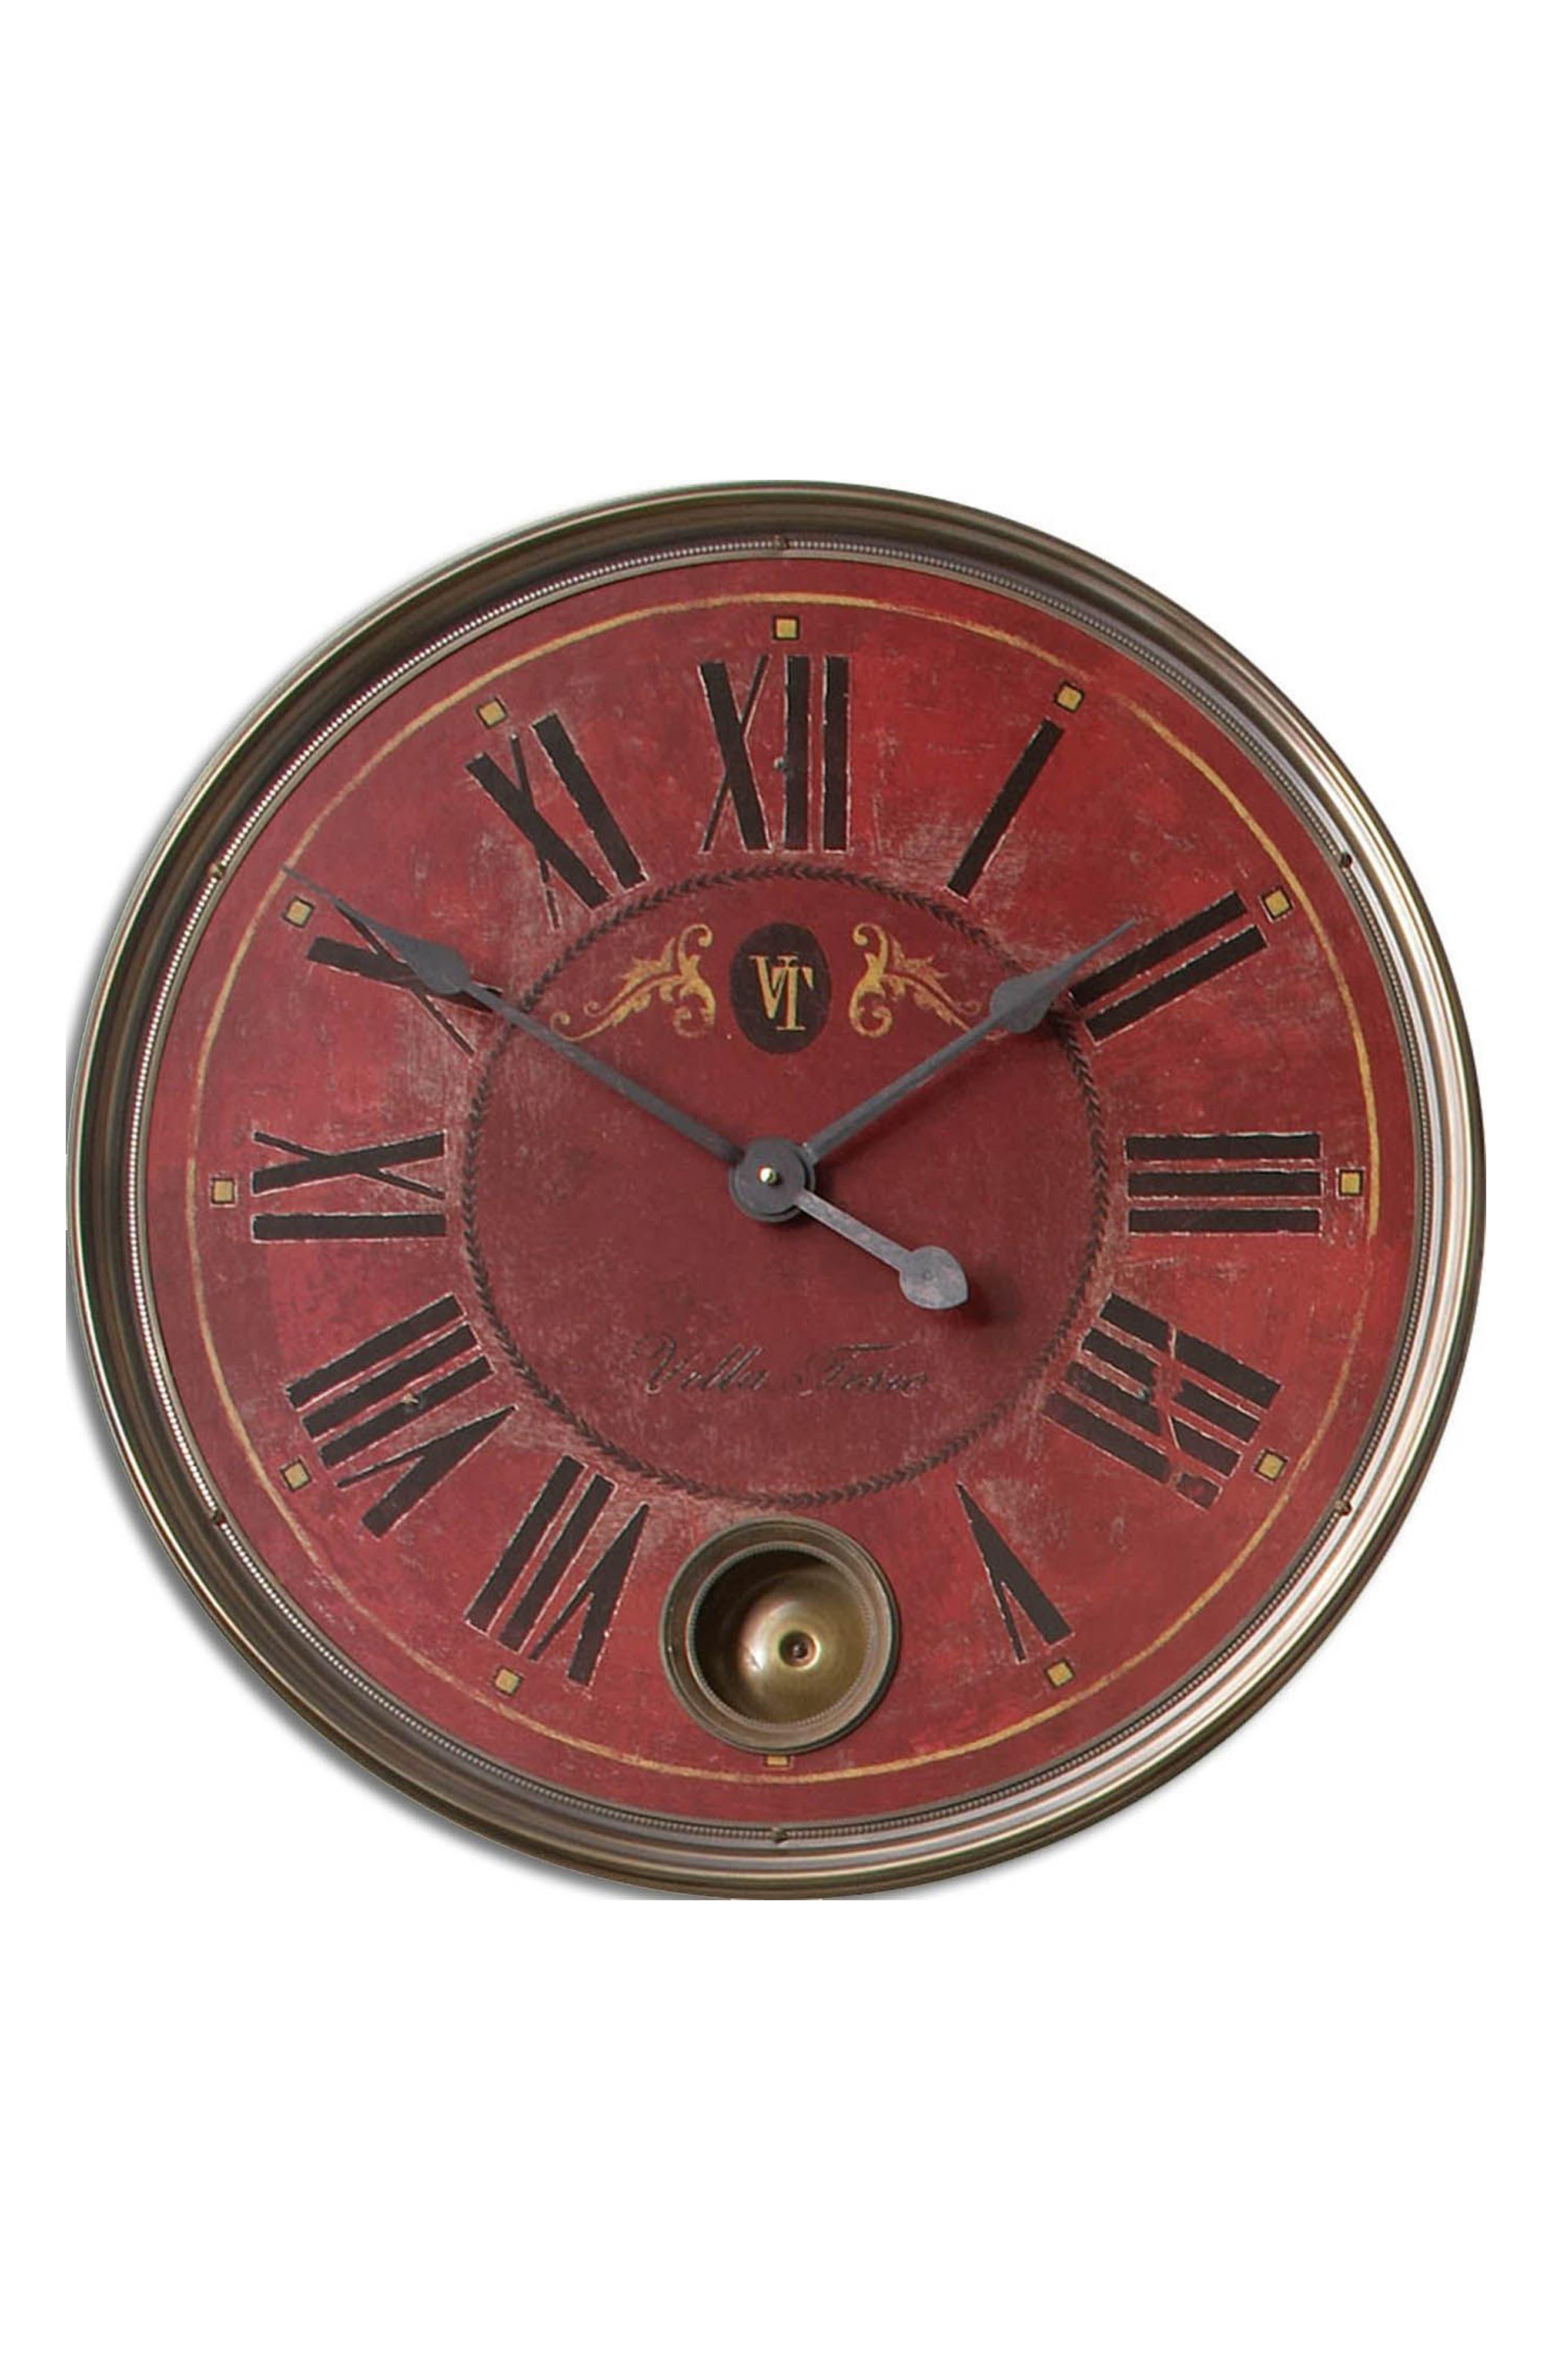 Alternate Image 1 Selected - Uttermost Regency Villa Wall Clock